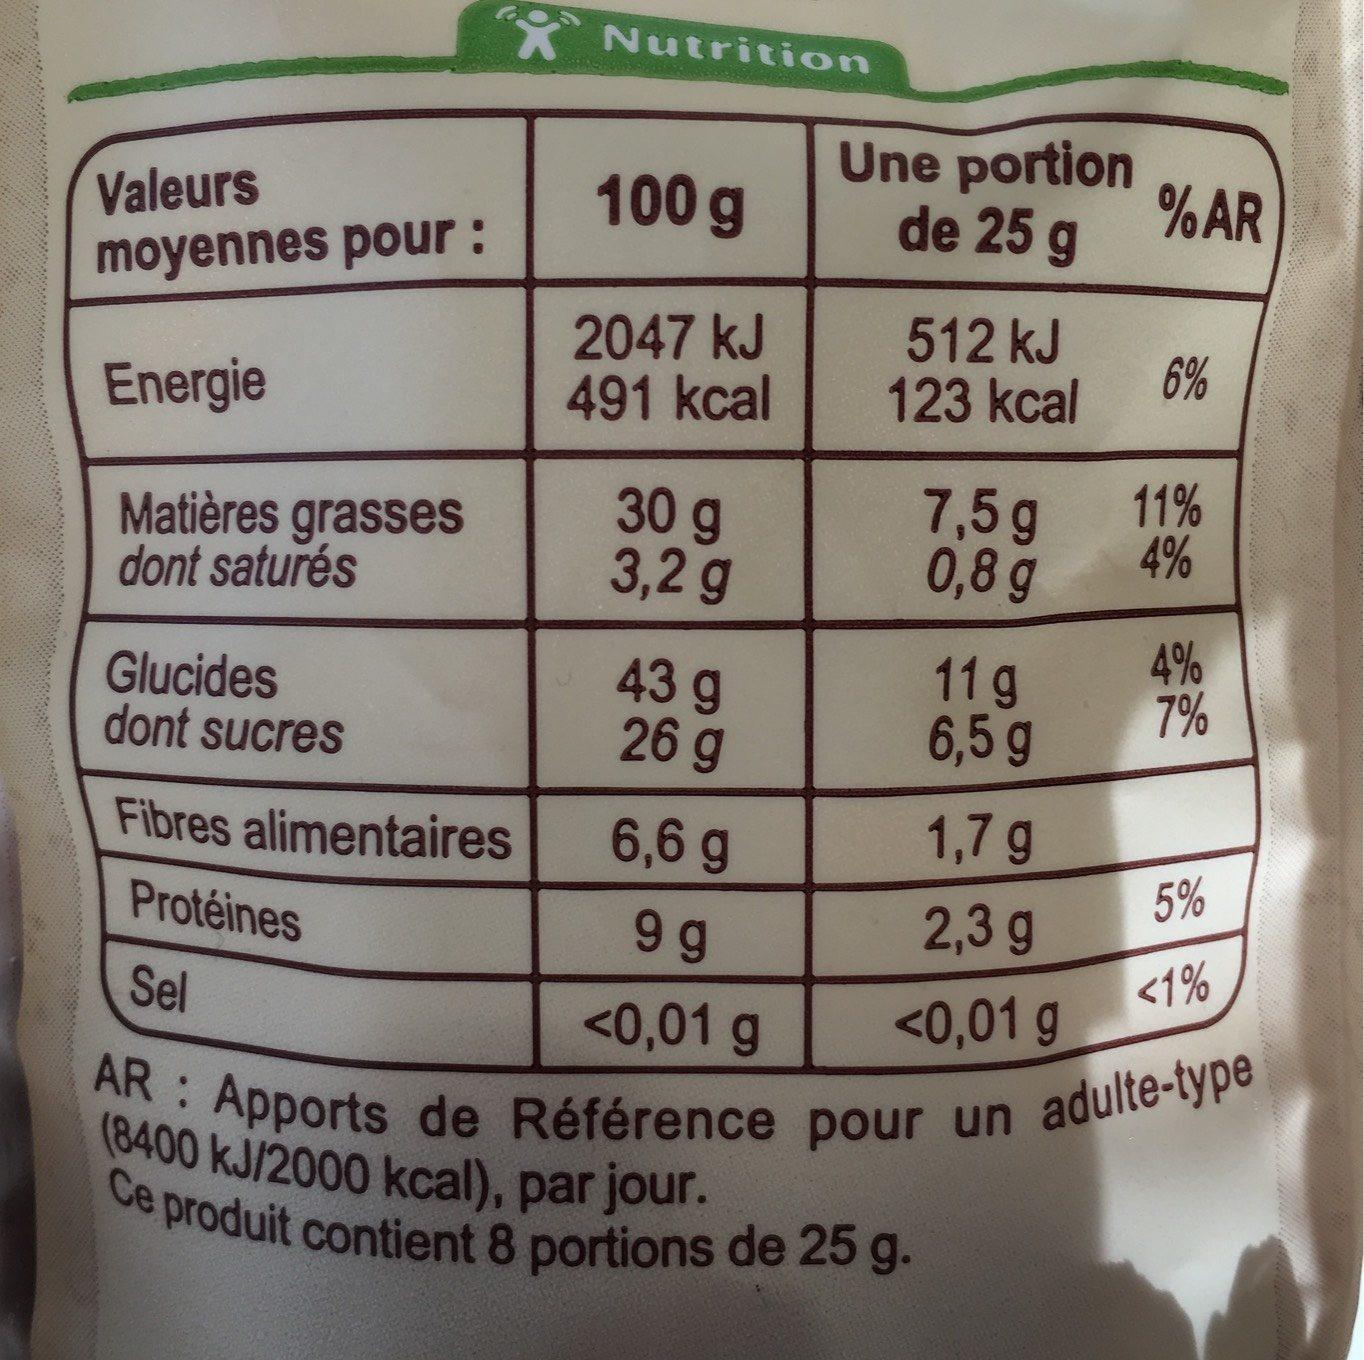 Mélange de raisins secs et de fruits secs bio - Nutrition facts - fr